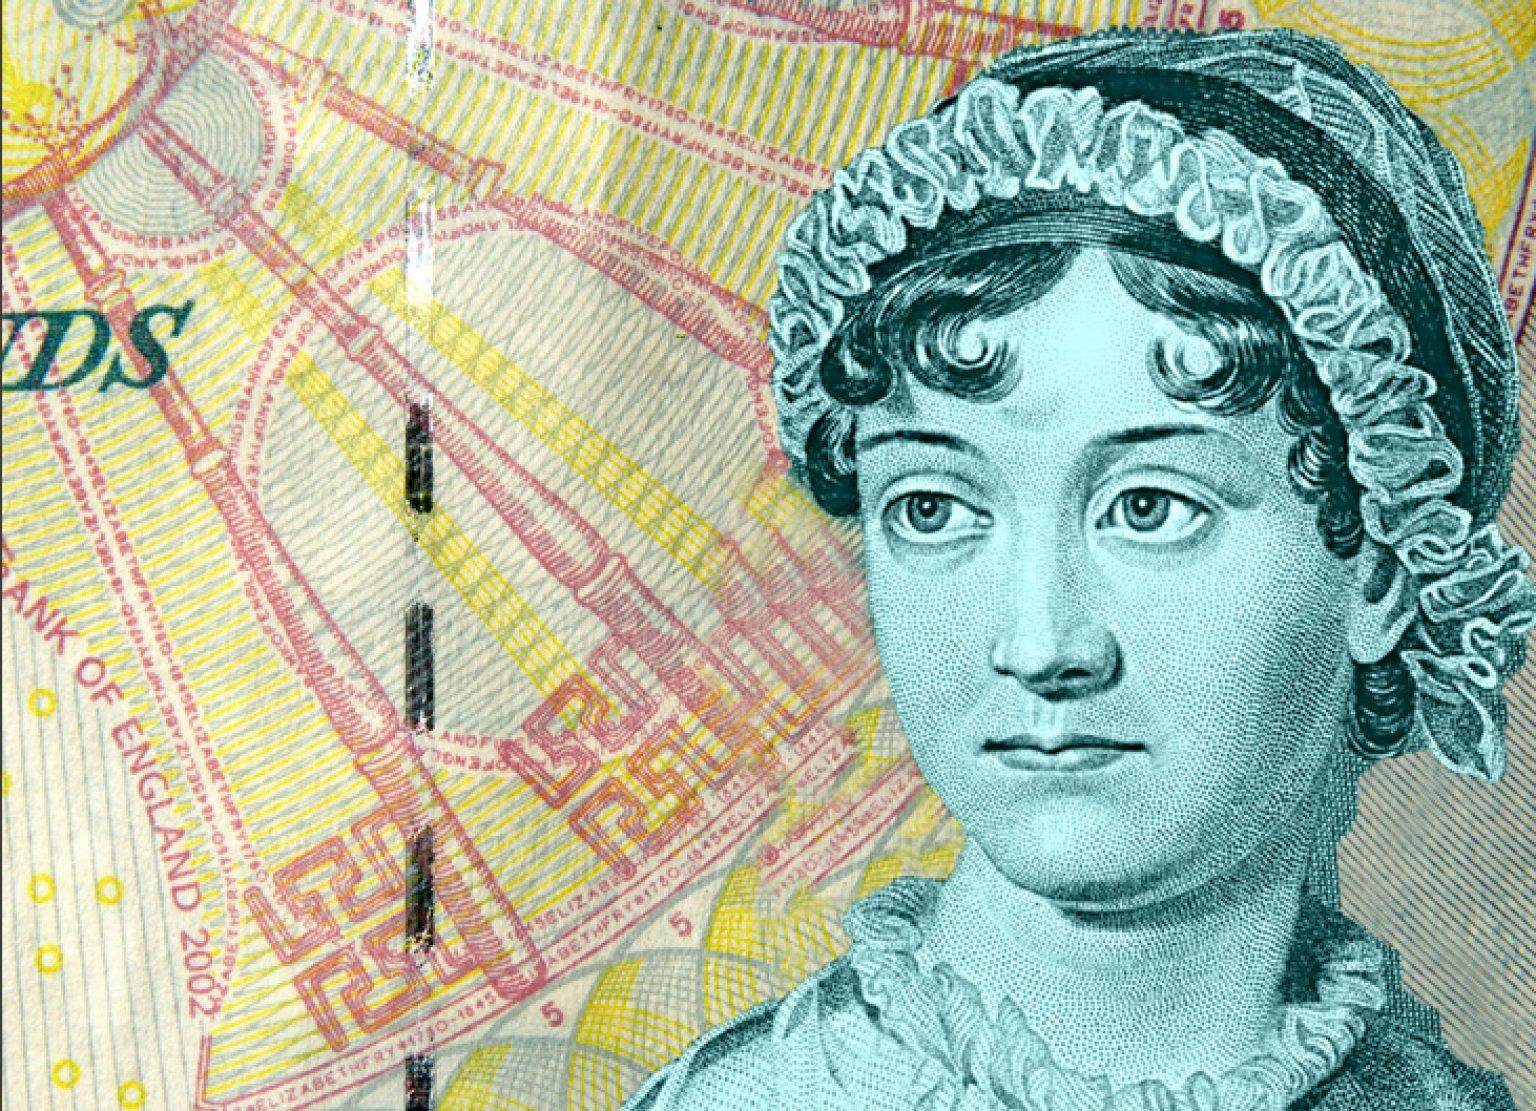 Jane Austen Will Go On...